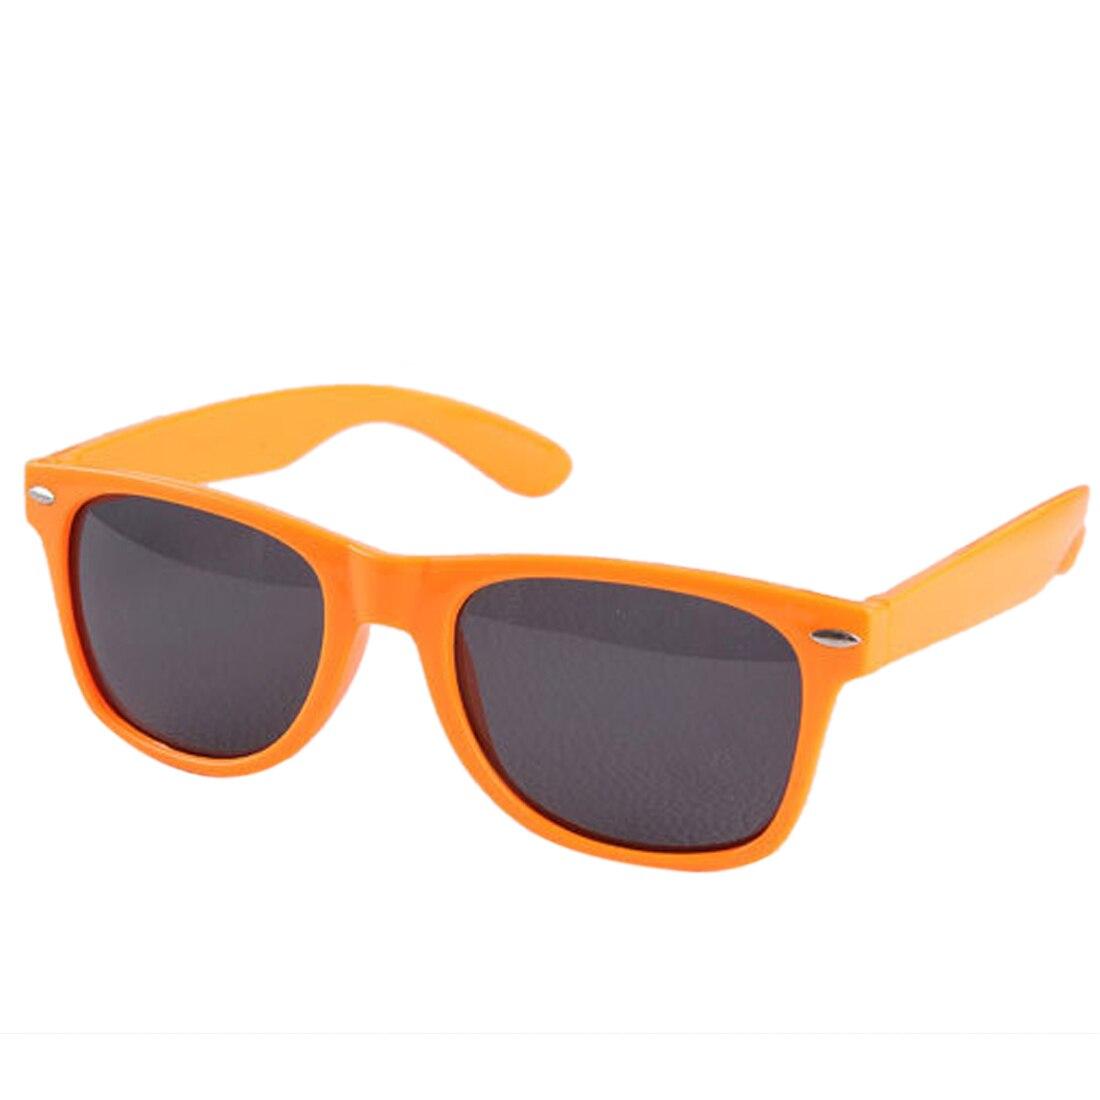 Fácil Correspondência Unissex Óculos Óculos Óculos de Óculos De Sol  Clássico Óculos Escuros-Adulto Tipo 6d0a97c1f4